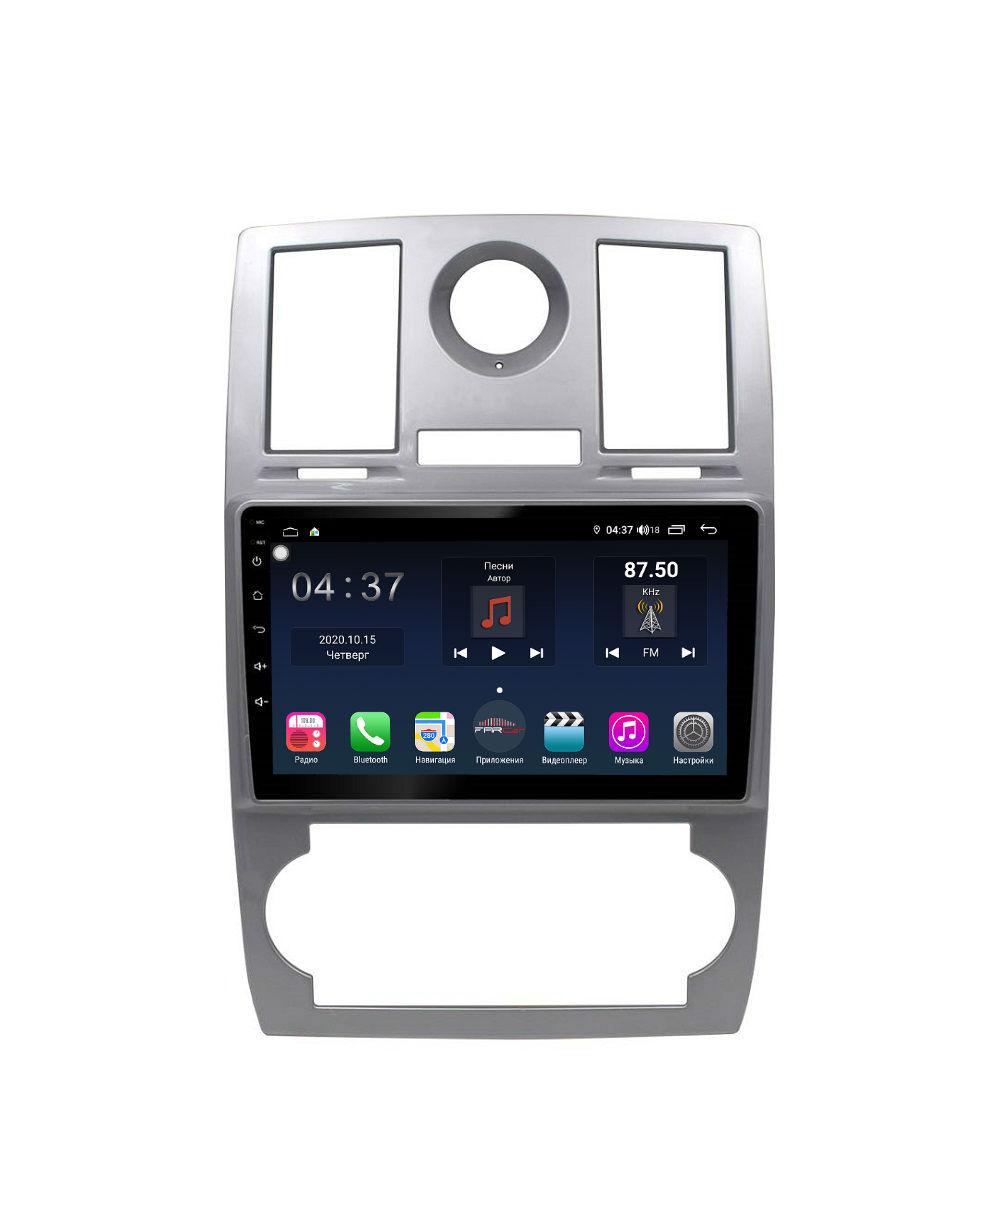 Штатная магнитола FarCar s400 для Chrysler 300C на Android (TG206R) (+ Камера заднего вида в подарок!)